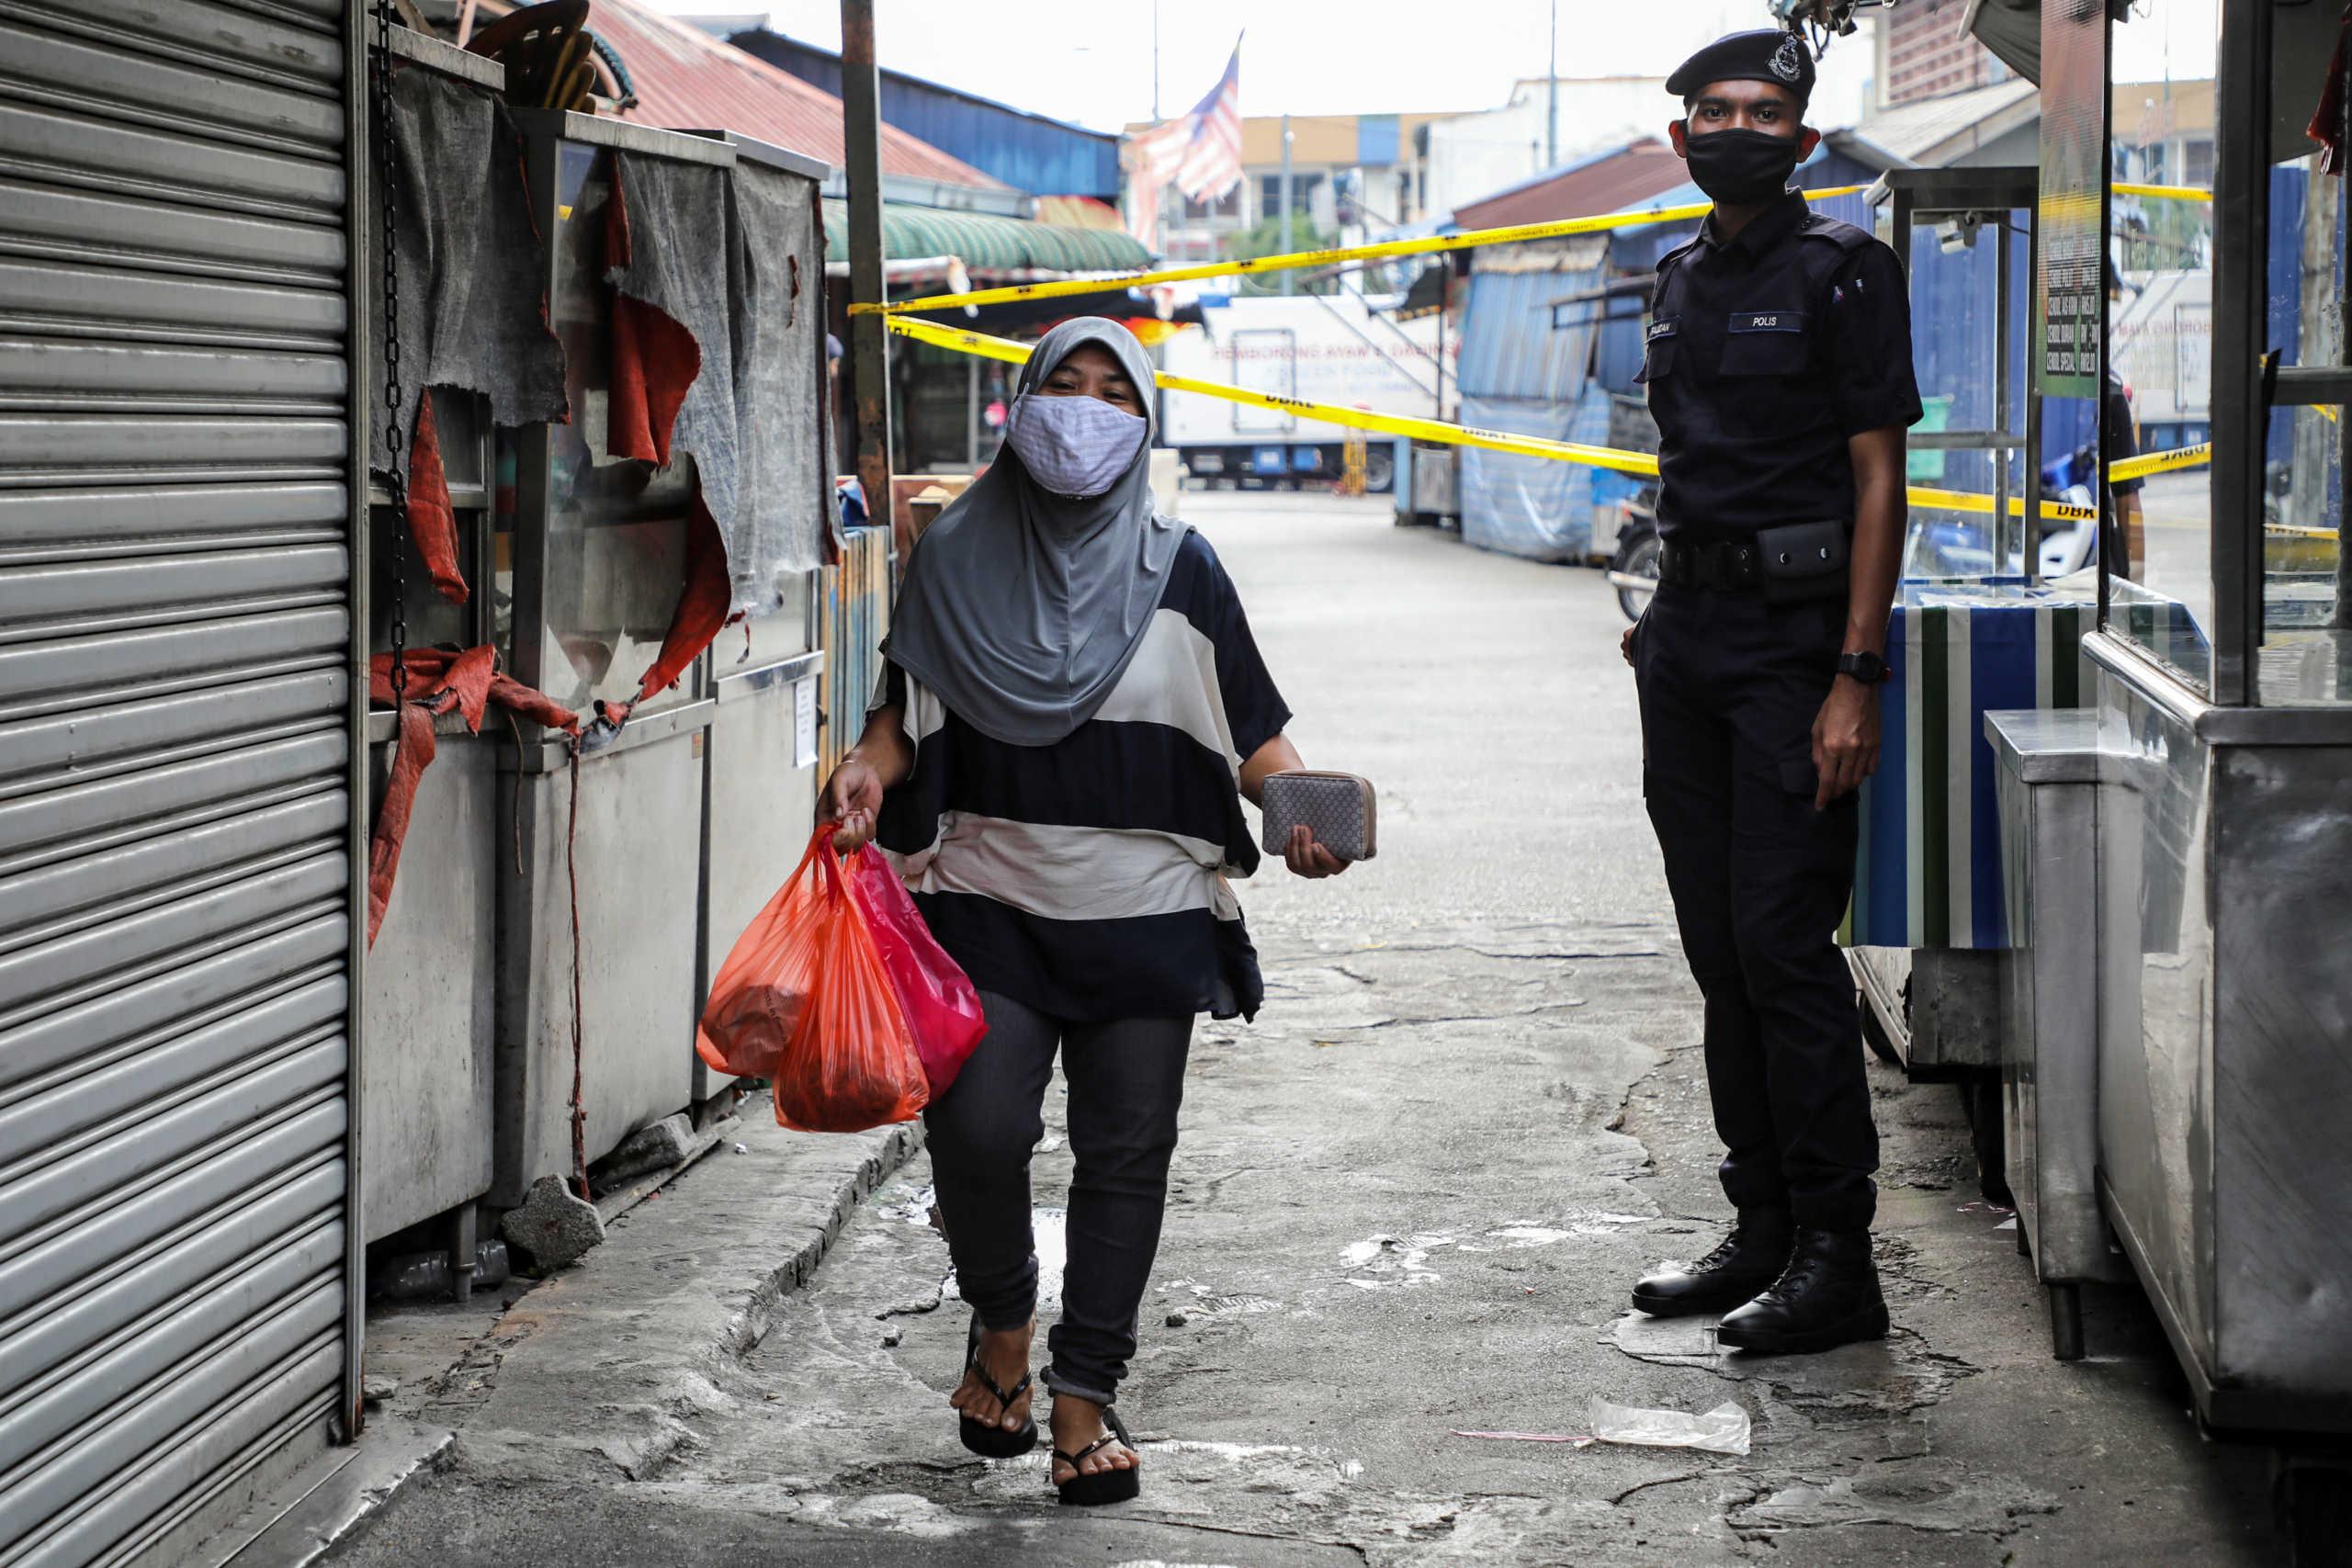 Νέα κύματα κορονοϊού σε Μαλαισία και Ταϊλάνδη